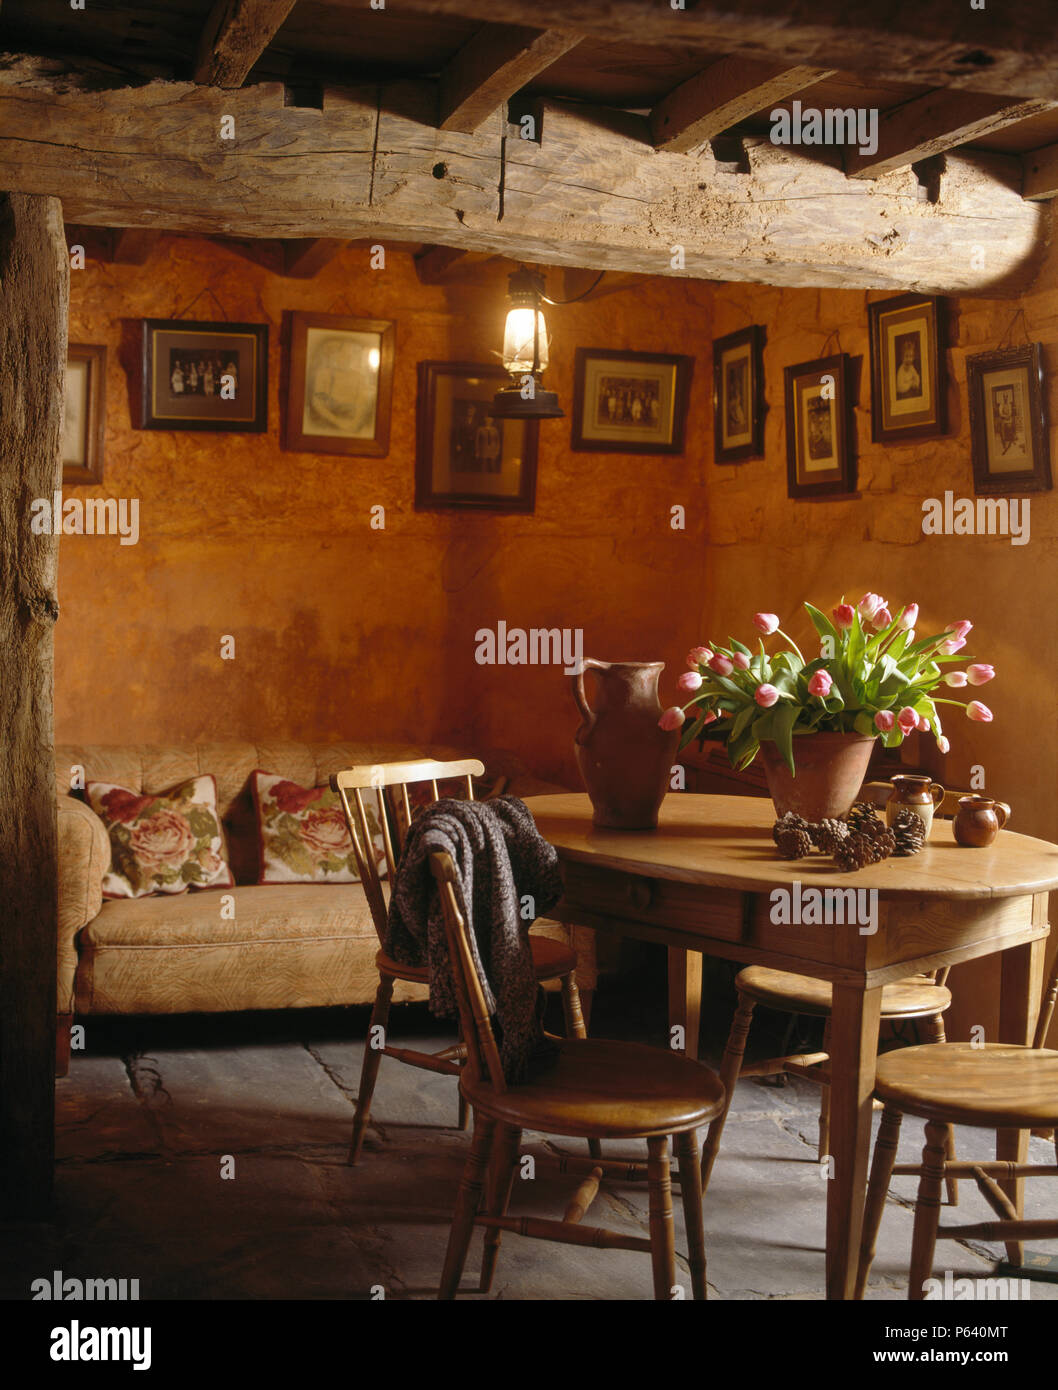 Vintage Kiefer Tisch Und Stuhle In Dunklen Cottage Esszimmer Mit Grossen Rustikalen Holzbalken An Der Decke Stockfotografie Alamy